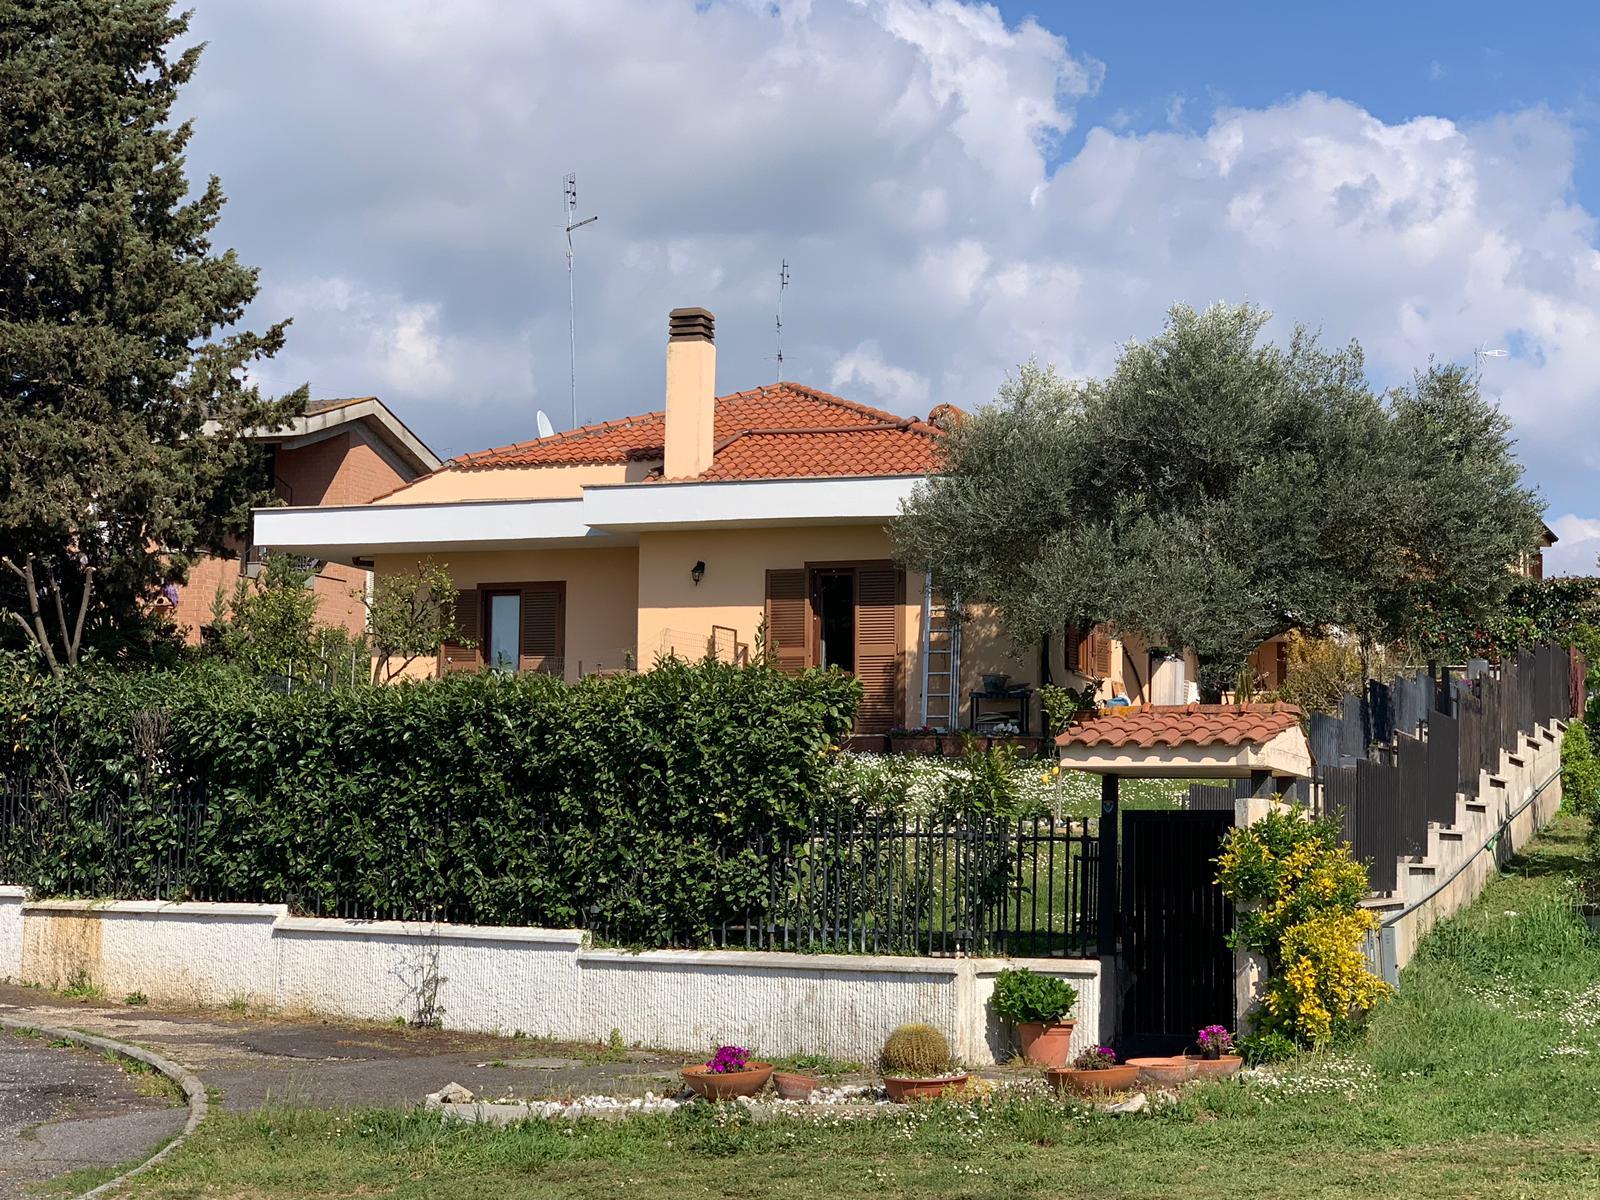 Villa Bifamiliare in vendita a Guidonia Montecelio, 7 locali, zona Località: ParcoAzzurro, prezzo € 378.000 | CambioCasa.it